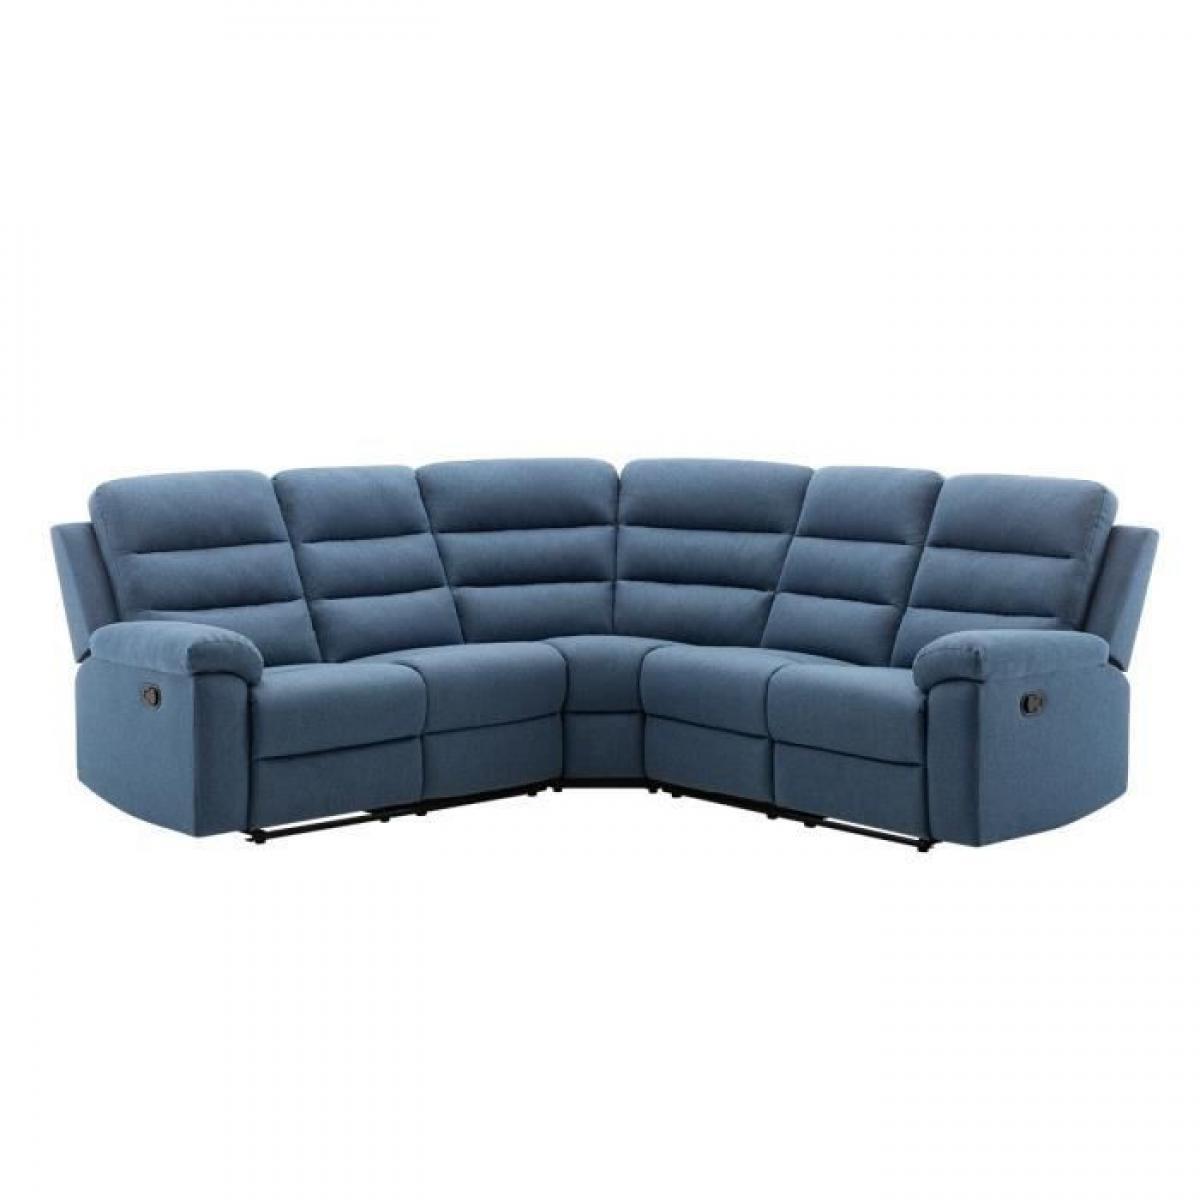 Sans Marque Canape dangle avec 2 places relax manuels - Tissu bleu - L 230 x P 55 x H 100 cm - AUGUST